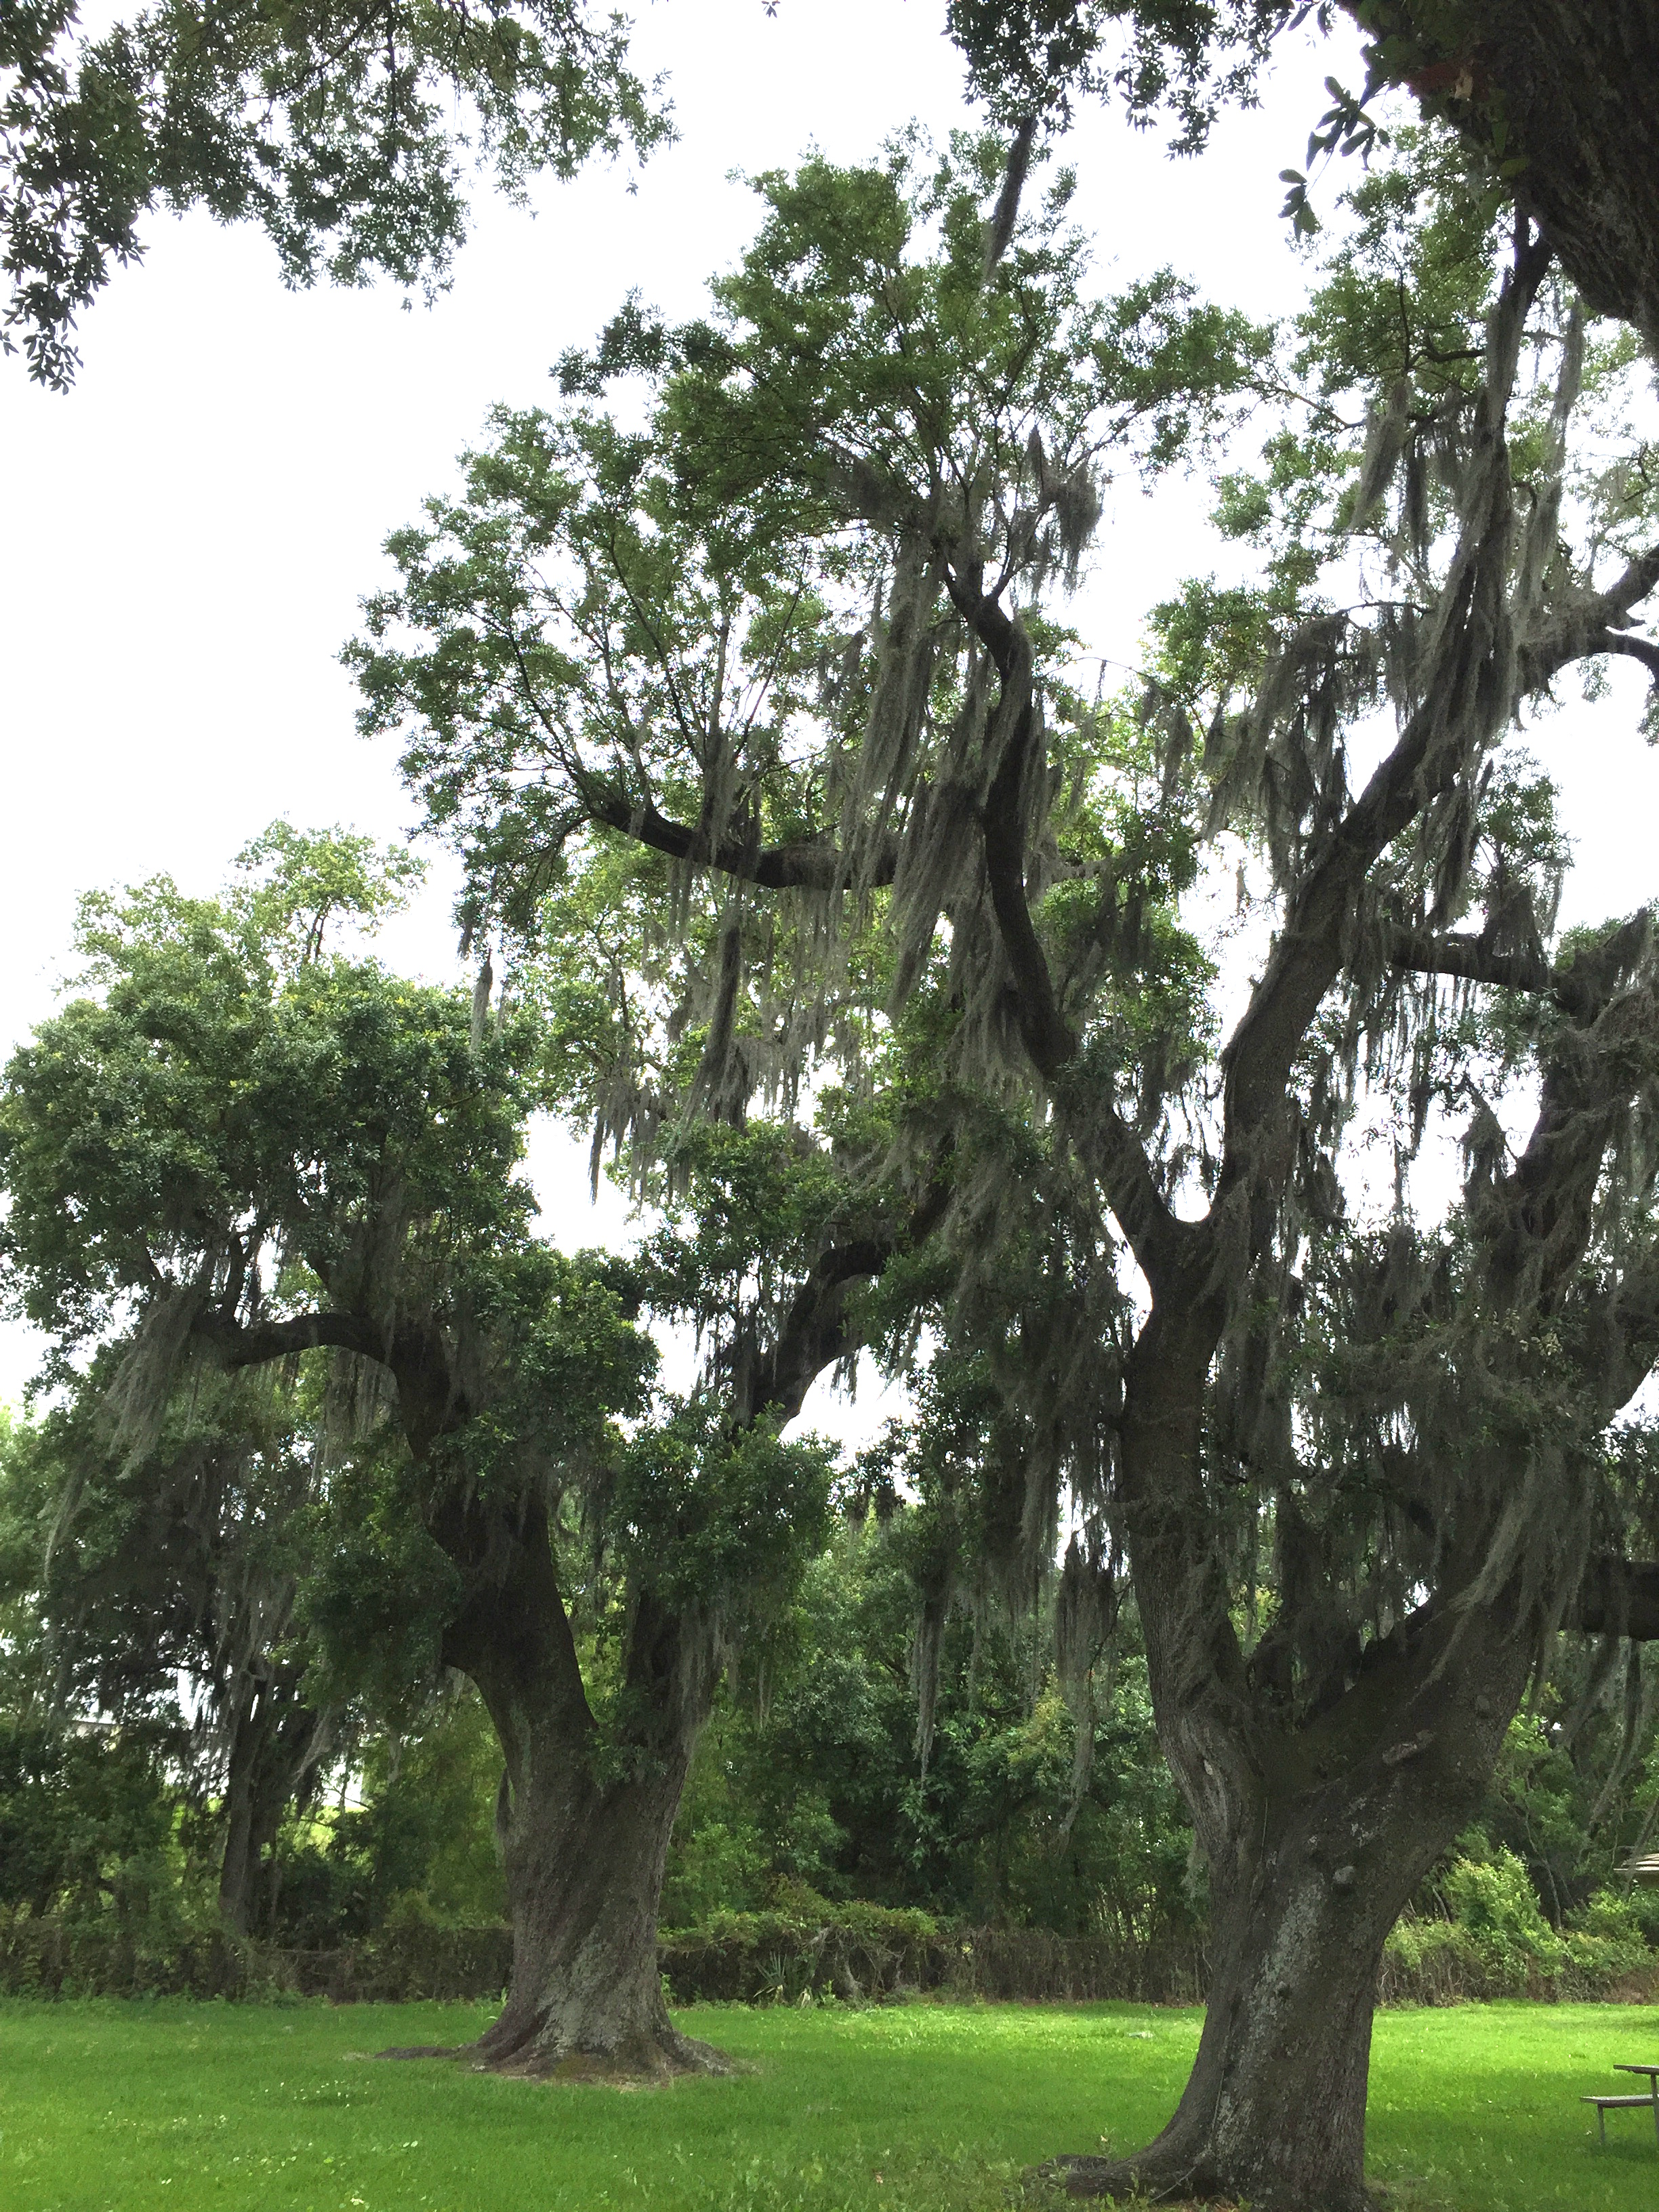 NOLA tree moss